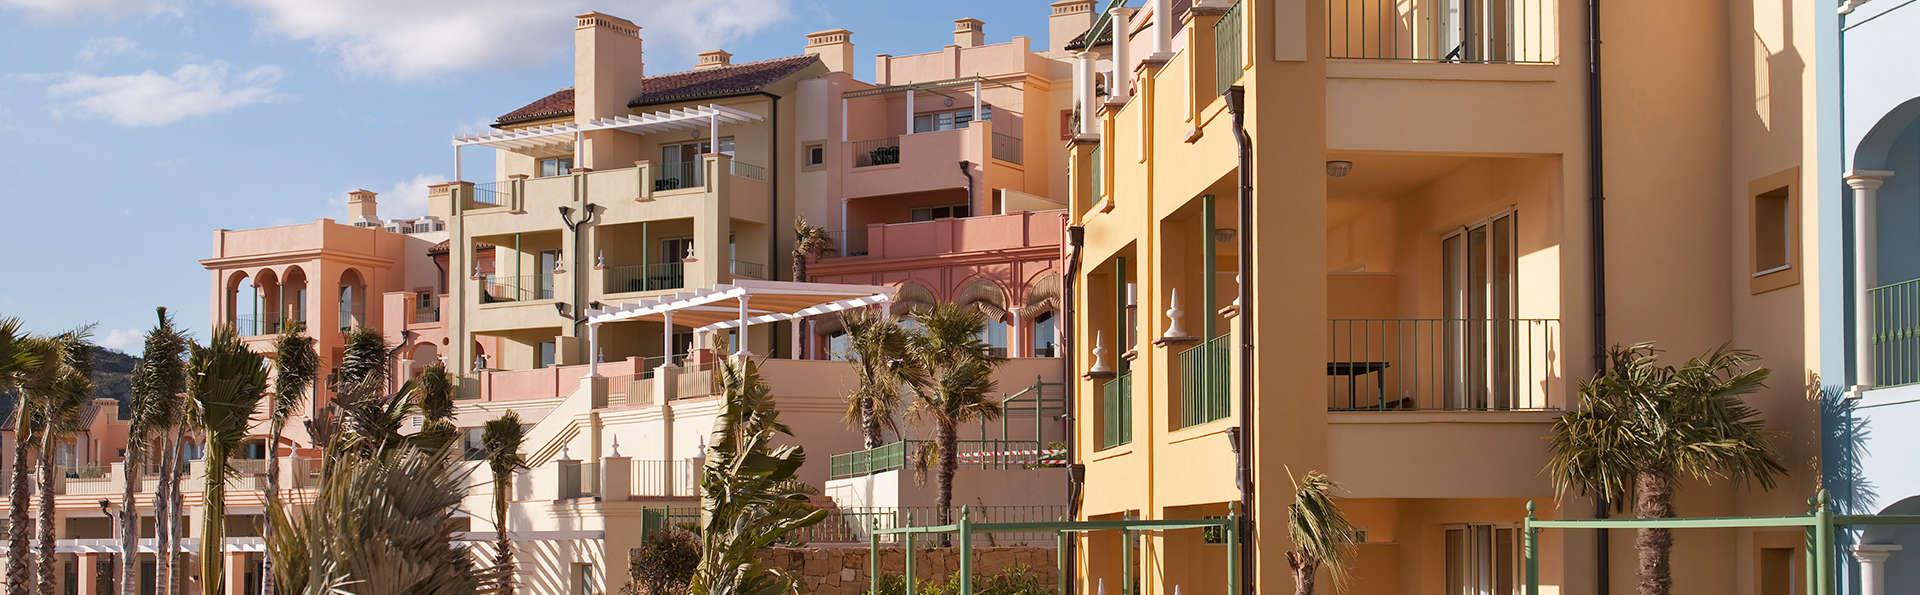 Pierre & Vacances Terrazas Costa del Sol (inactif) - Edit_Ext.jpg